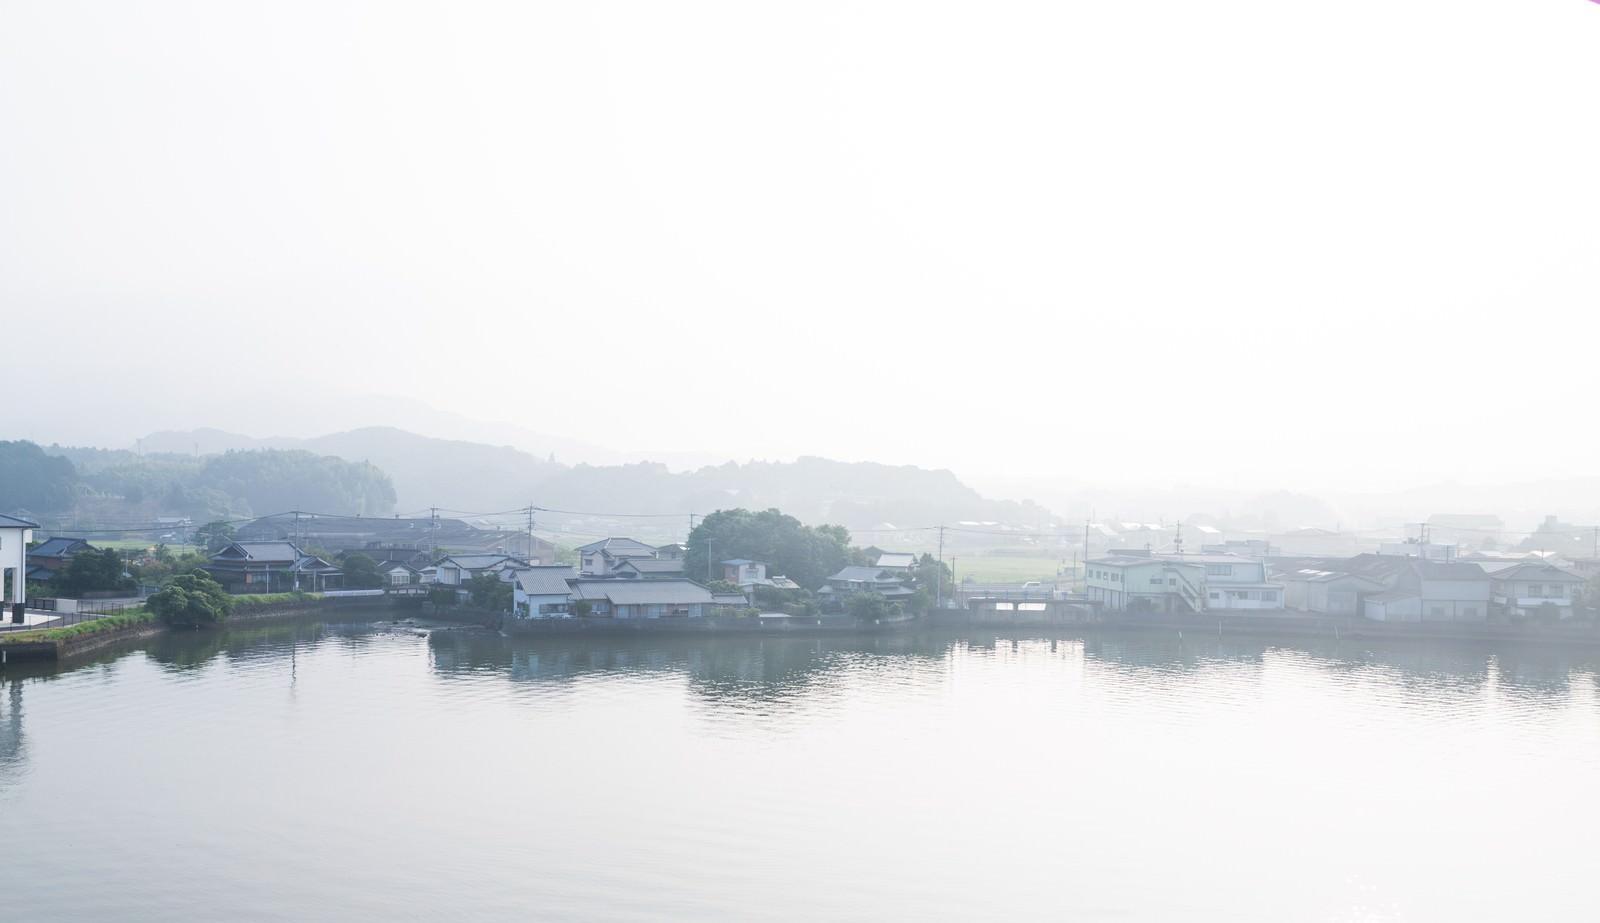 「伊万里川と住宅地伊万里川と住宅地」のフリー写真素材を拡大